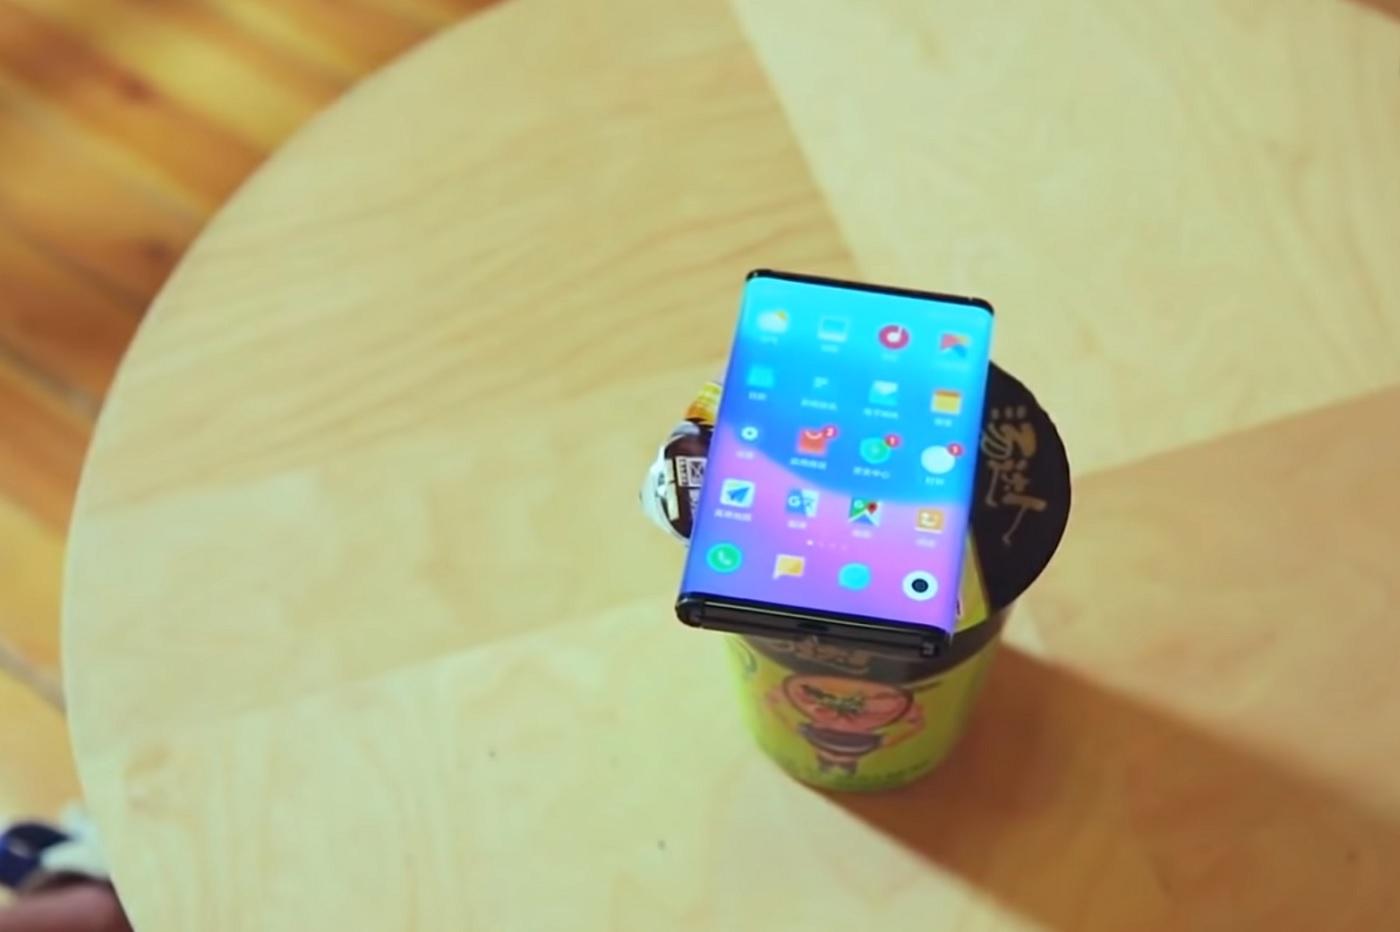 Le smartphone pliable de Xiaomi se dévoile une nouvelle fois en vidéo